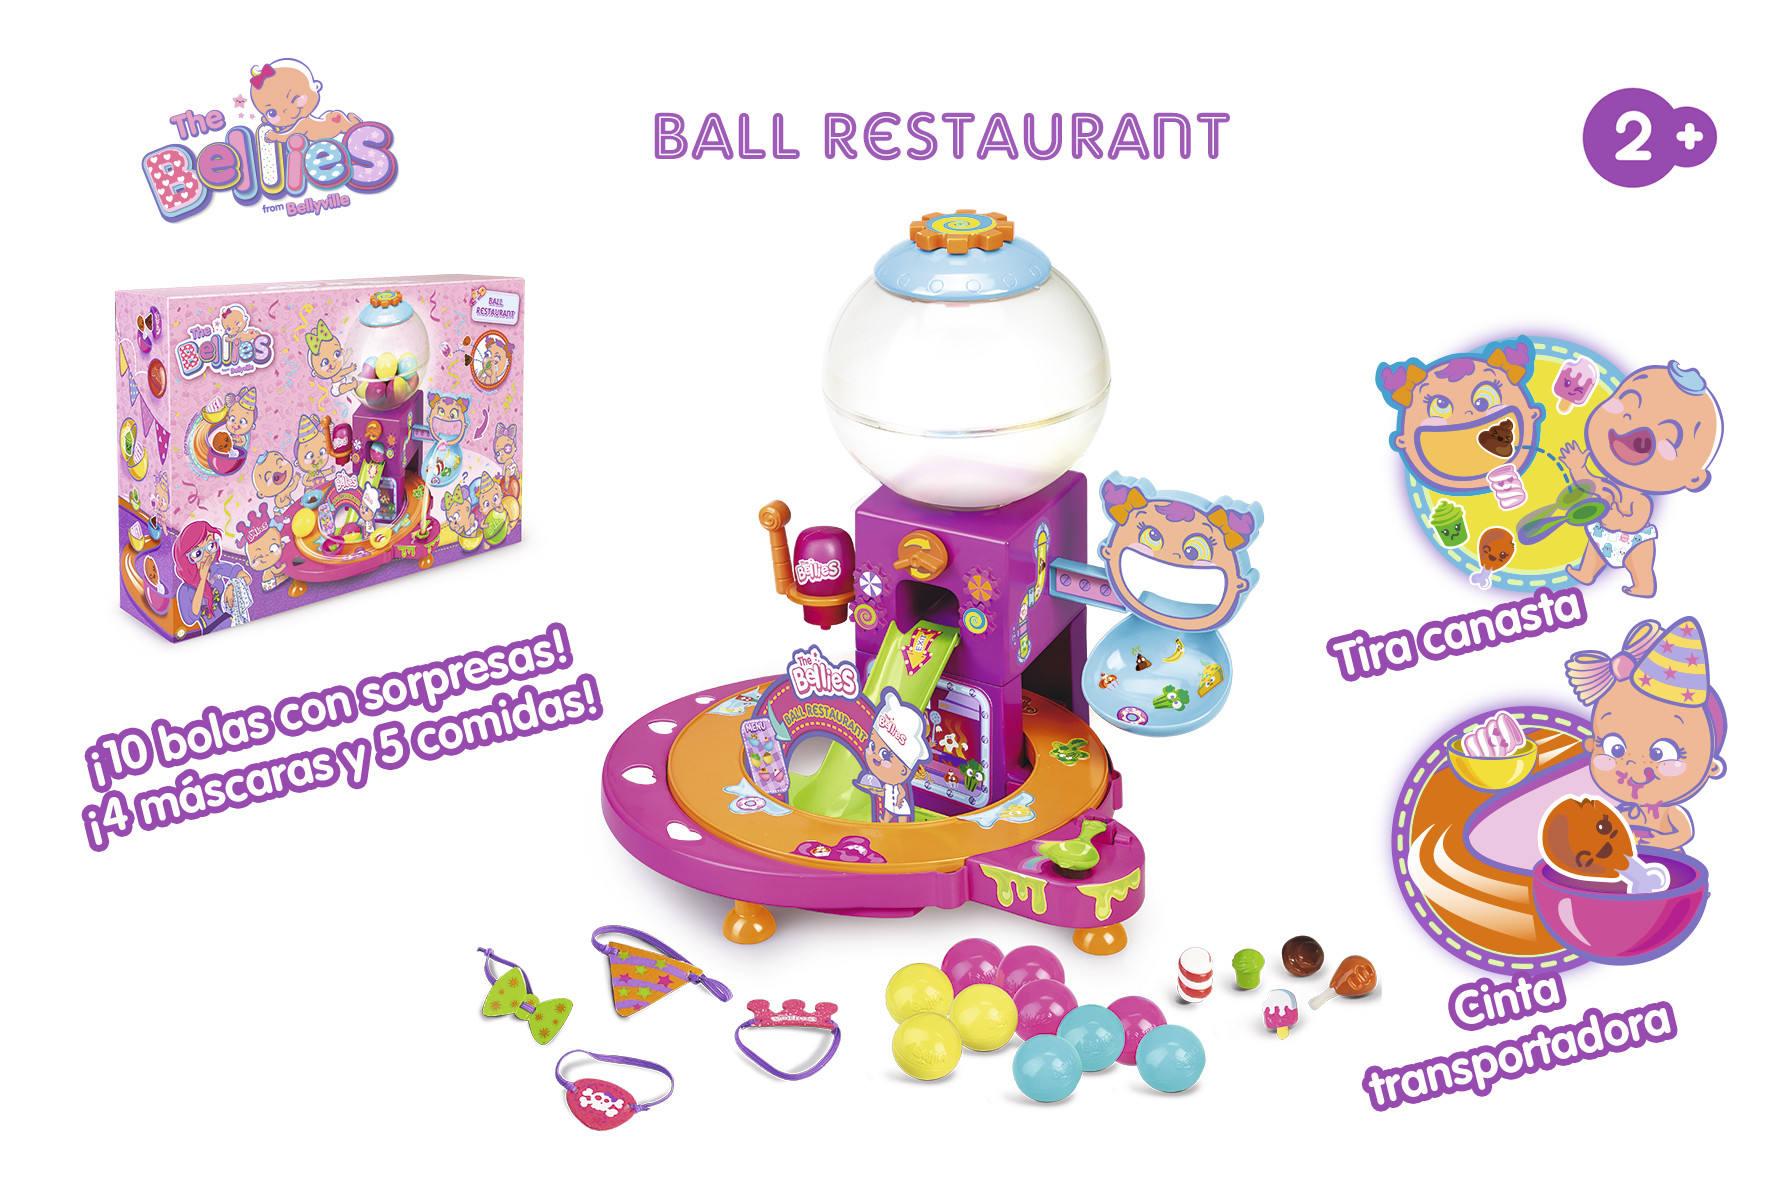 BALL RESTAURANTE BELLIES 15812 - N40720